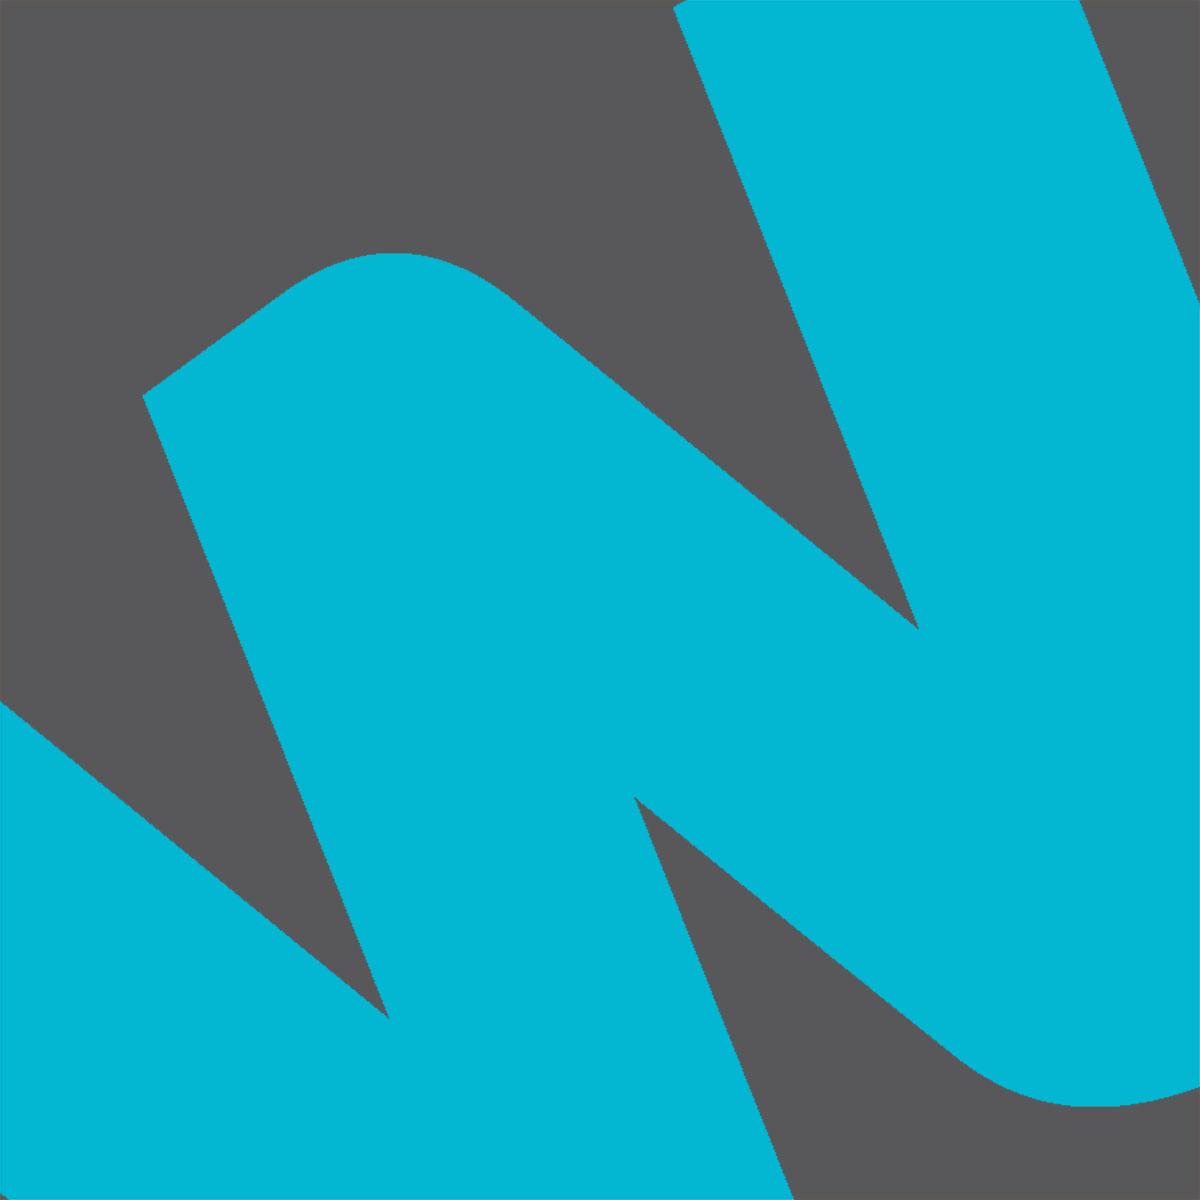 Partial Wellcome logo